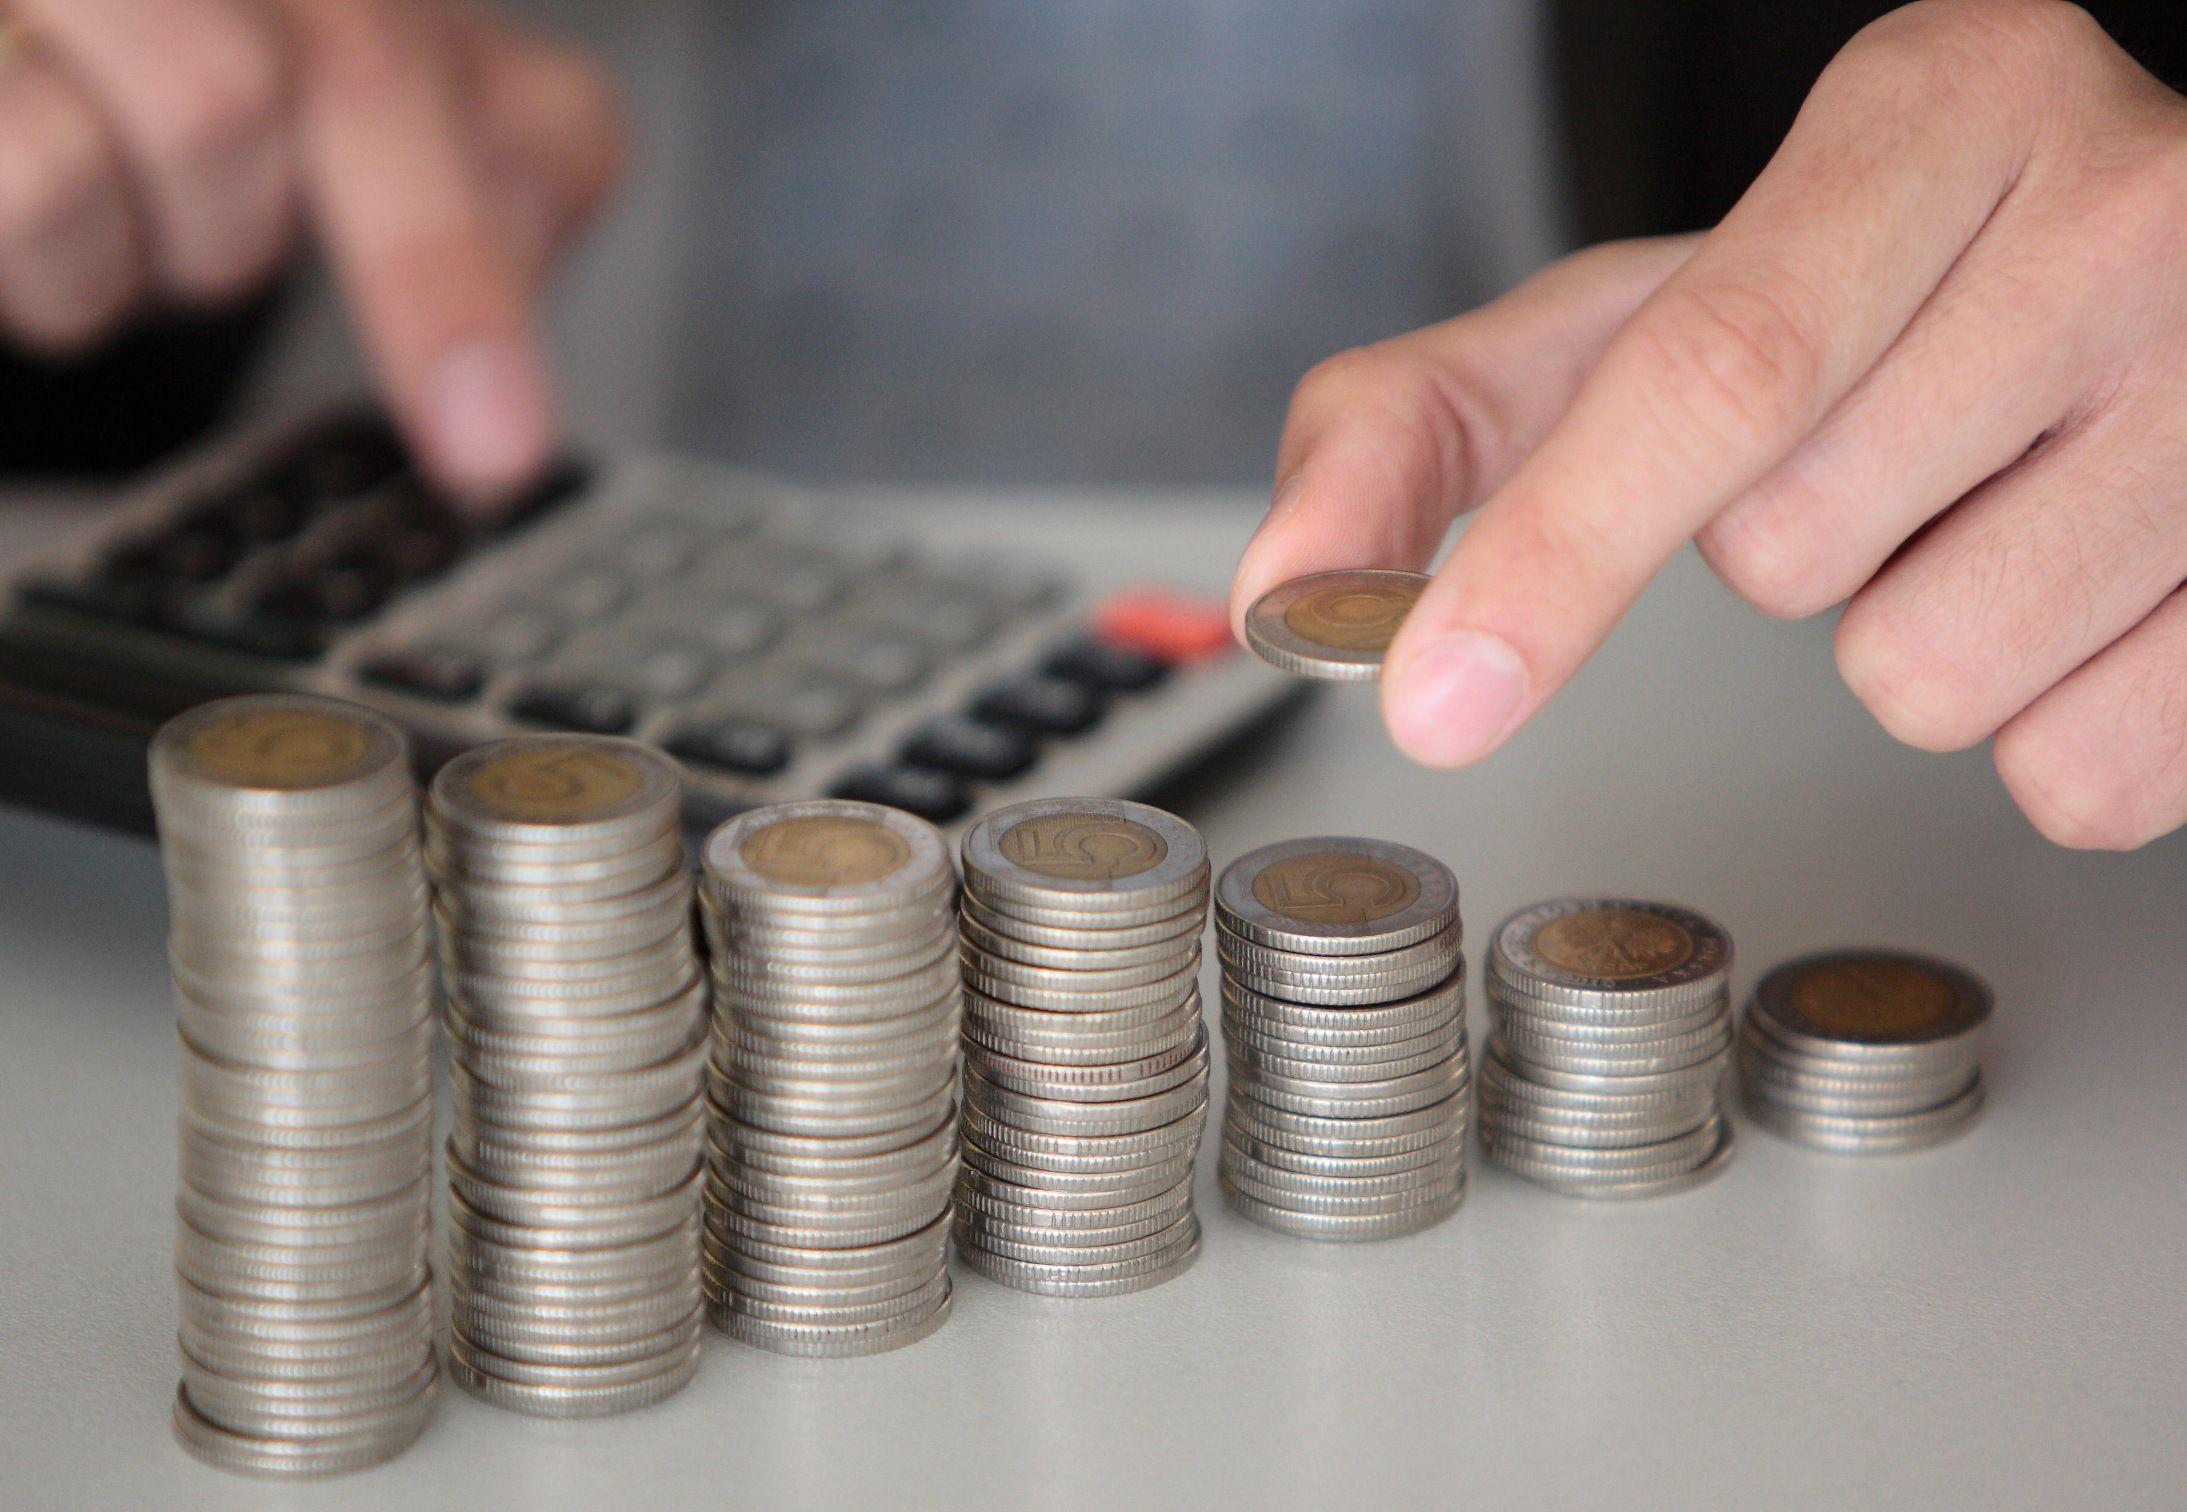 Wyrównanie wynagrodzenia do poziomu minimalnego